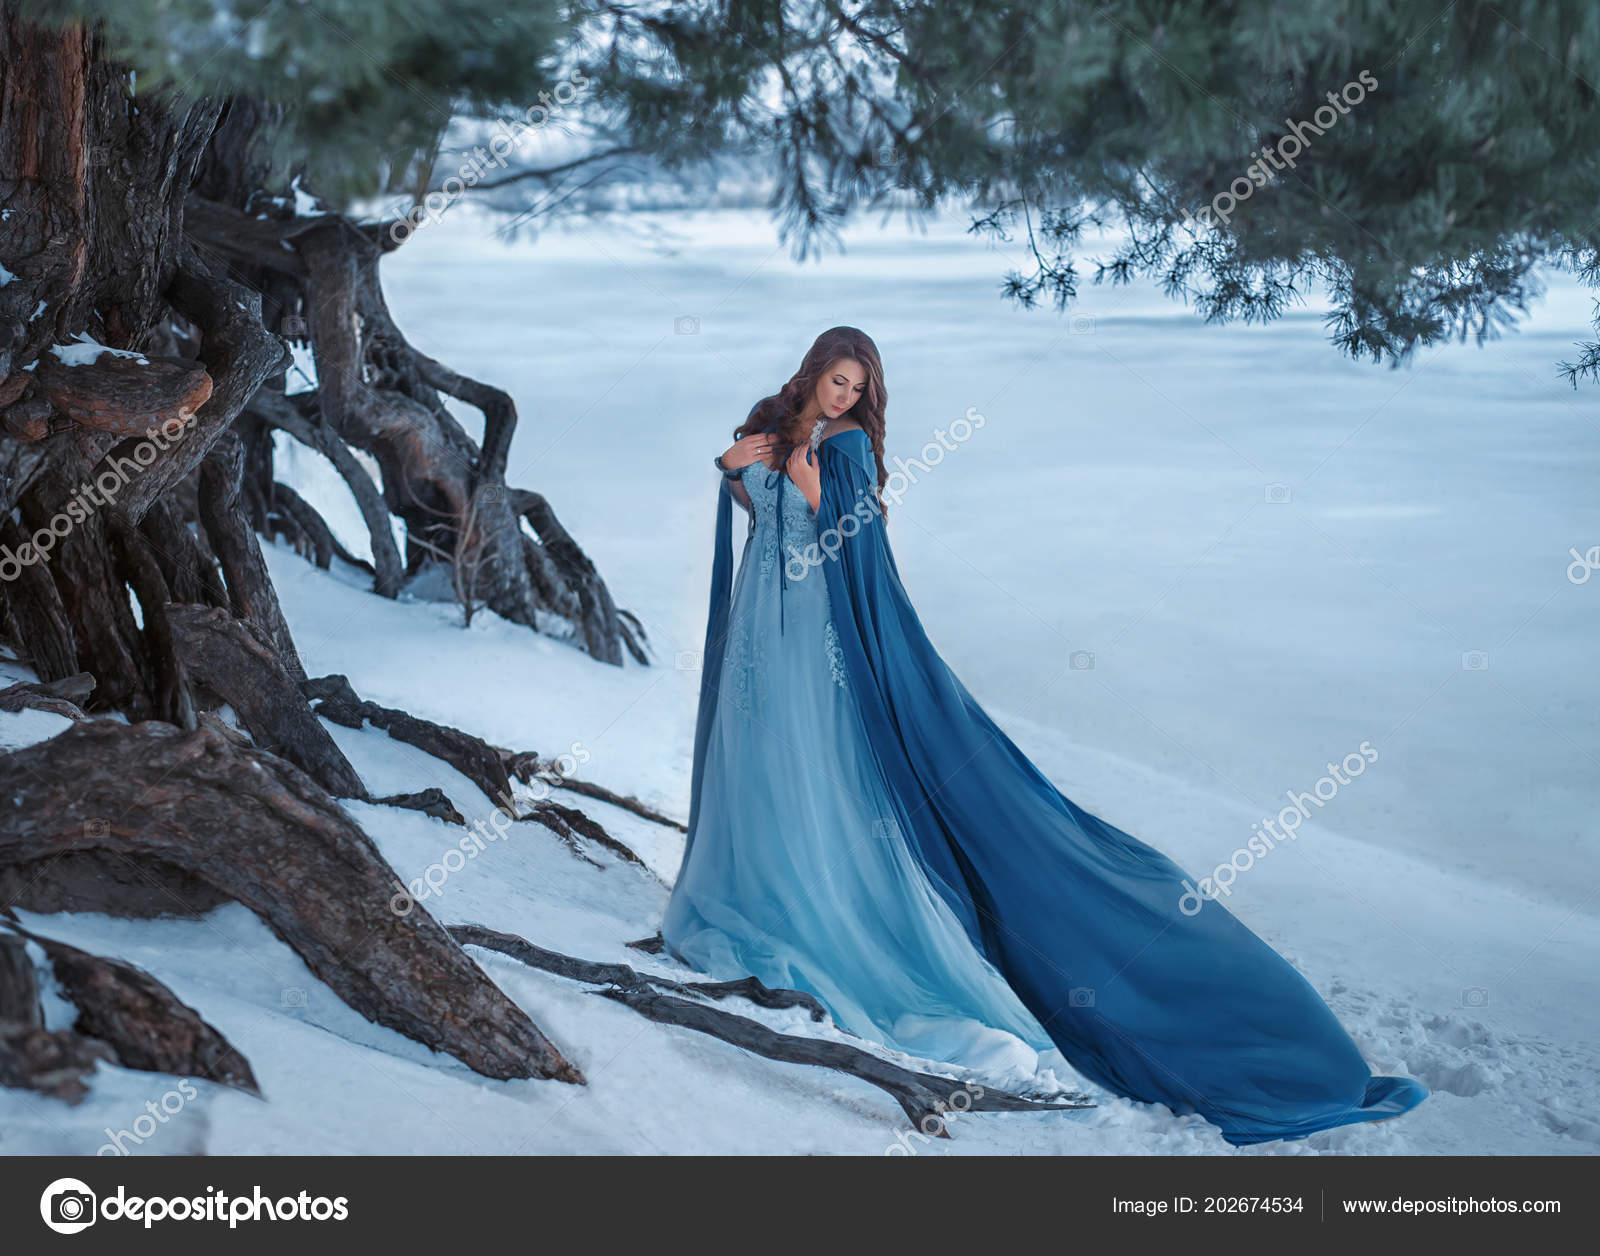 Nieuw Mysterious Wanderer Luxurious Dress Blue Cloak Flutters Wind XM-16